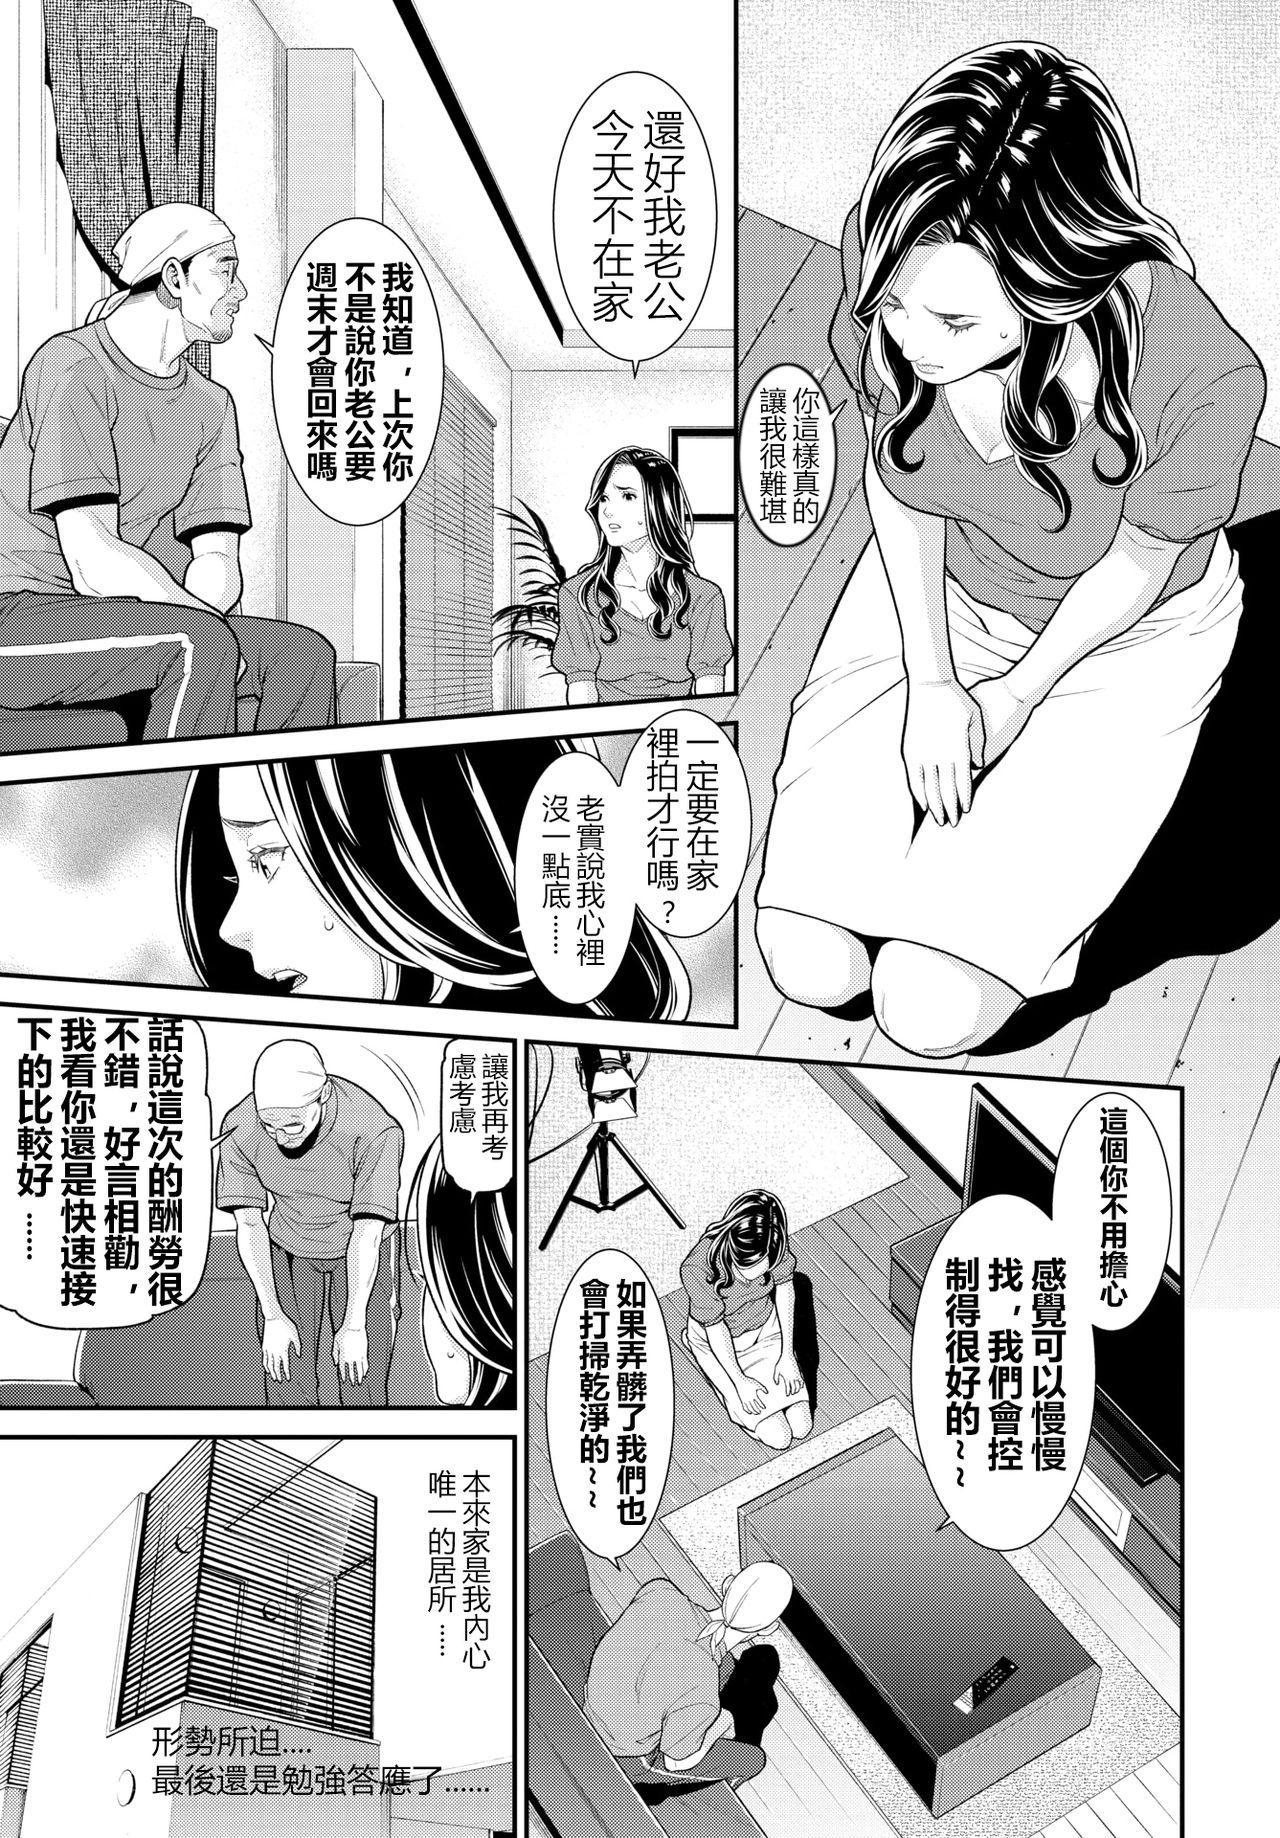 Secret Wife  1-6 53